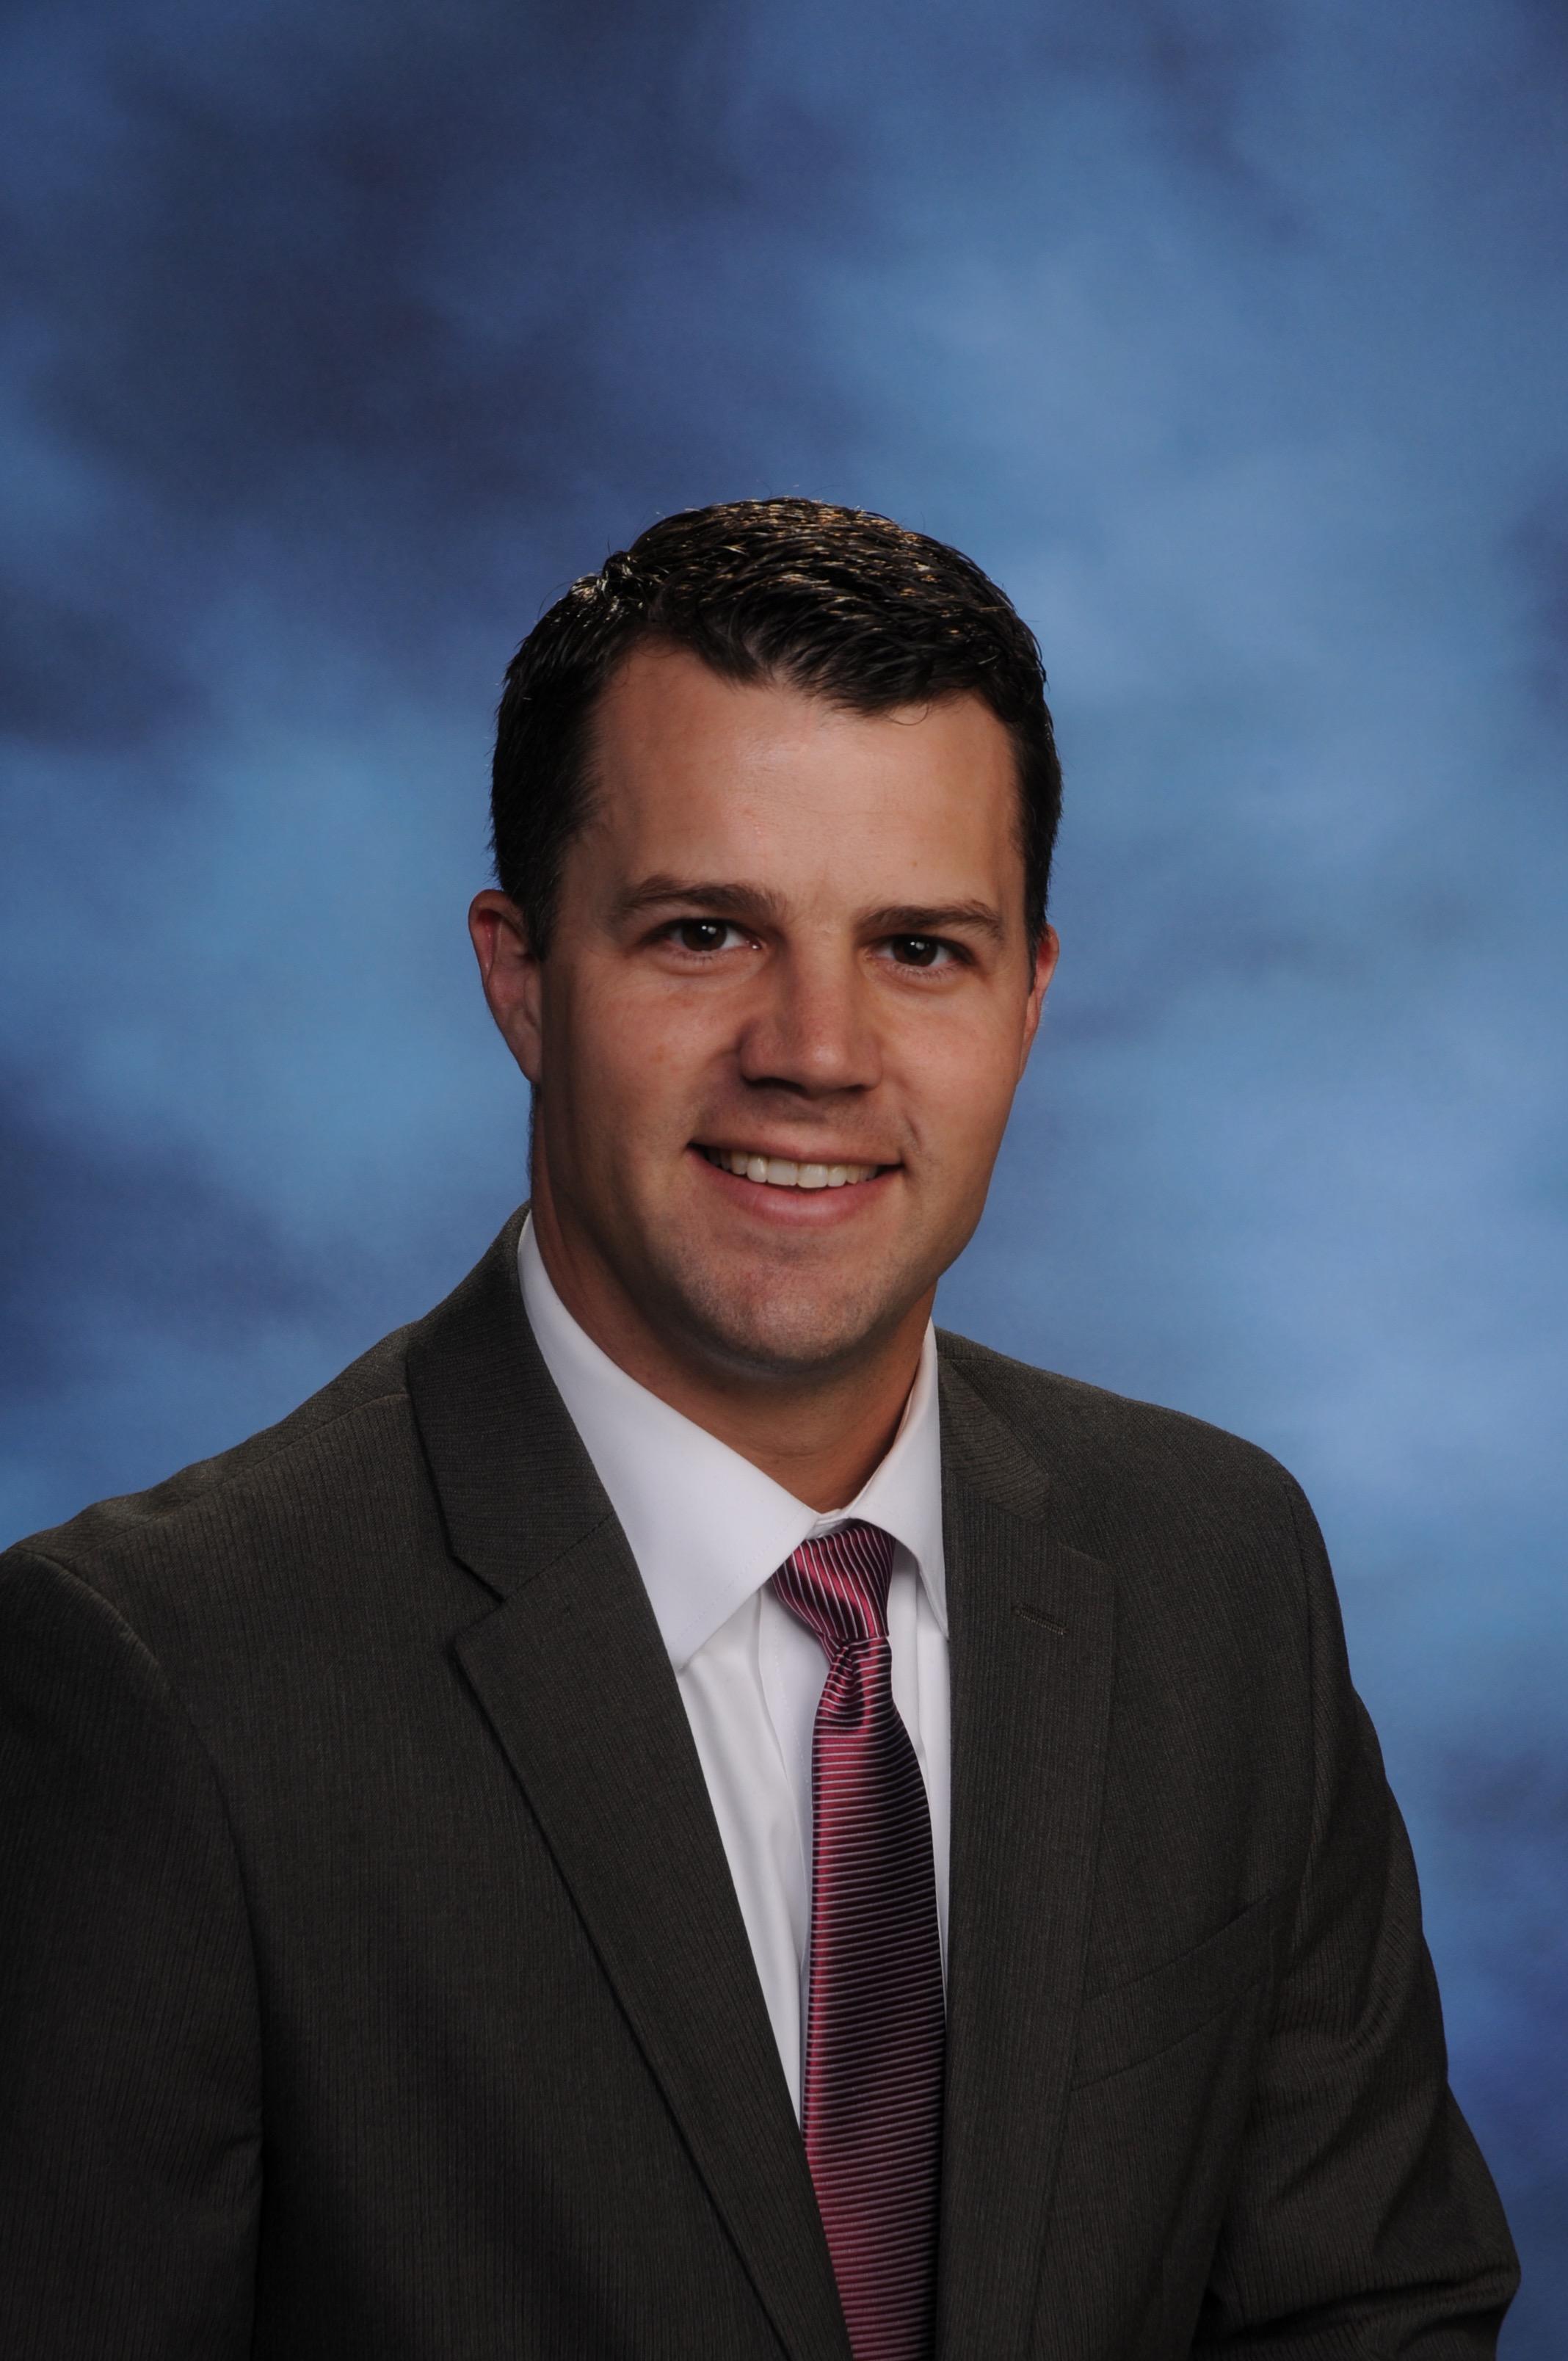 Aaron Waldrip, AISD Superintendent